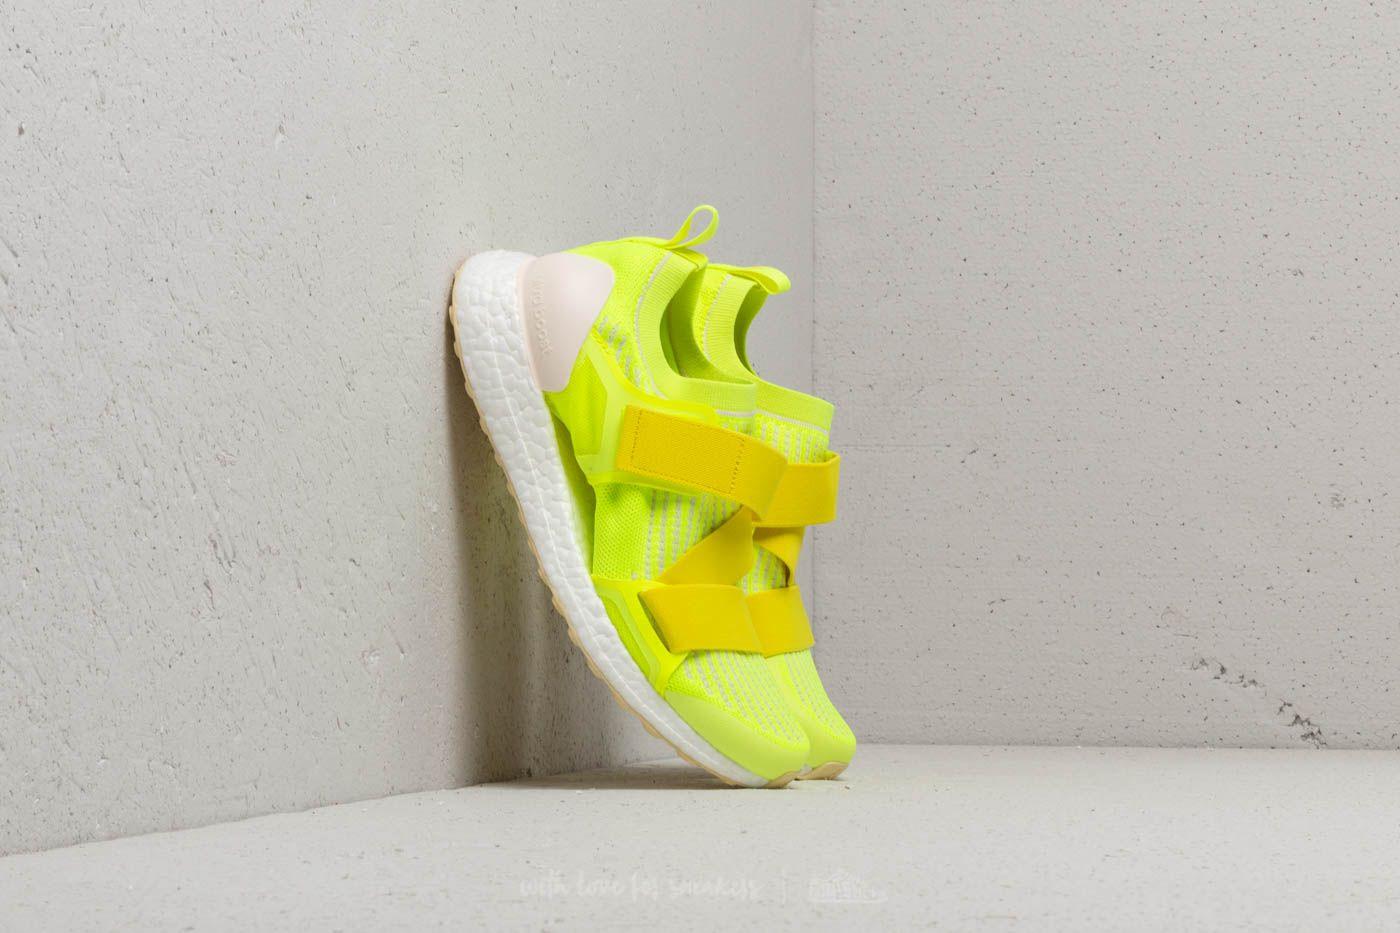 Dámské tenisky a boty adidas x Stella McCartney Ultraboost X S. Yellow/ Yellow/ Missun